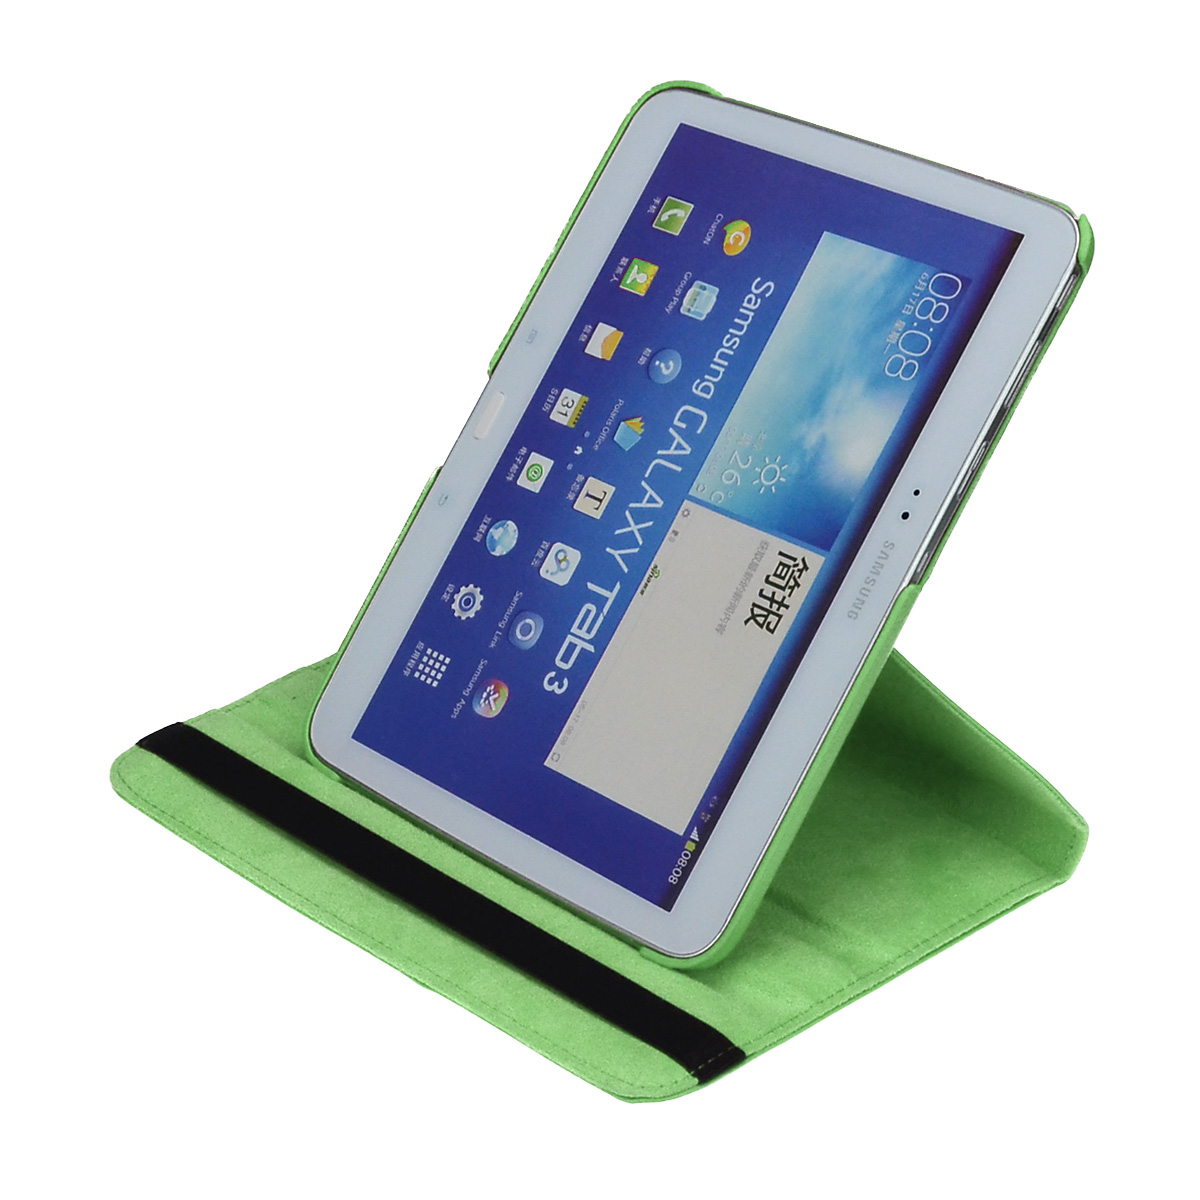 360-drehbar-Huelle-Samsung-Tab-E-9-6-Schutz-Cover-Case-Tasche-Etui-Staender-Folie Indexbild 35